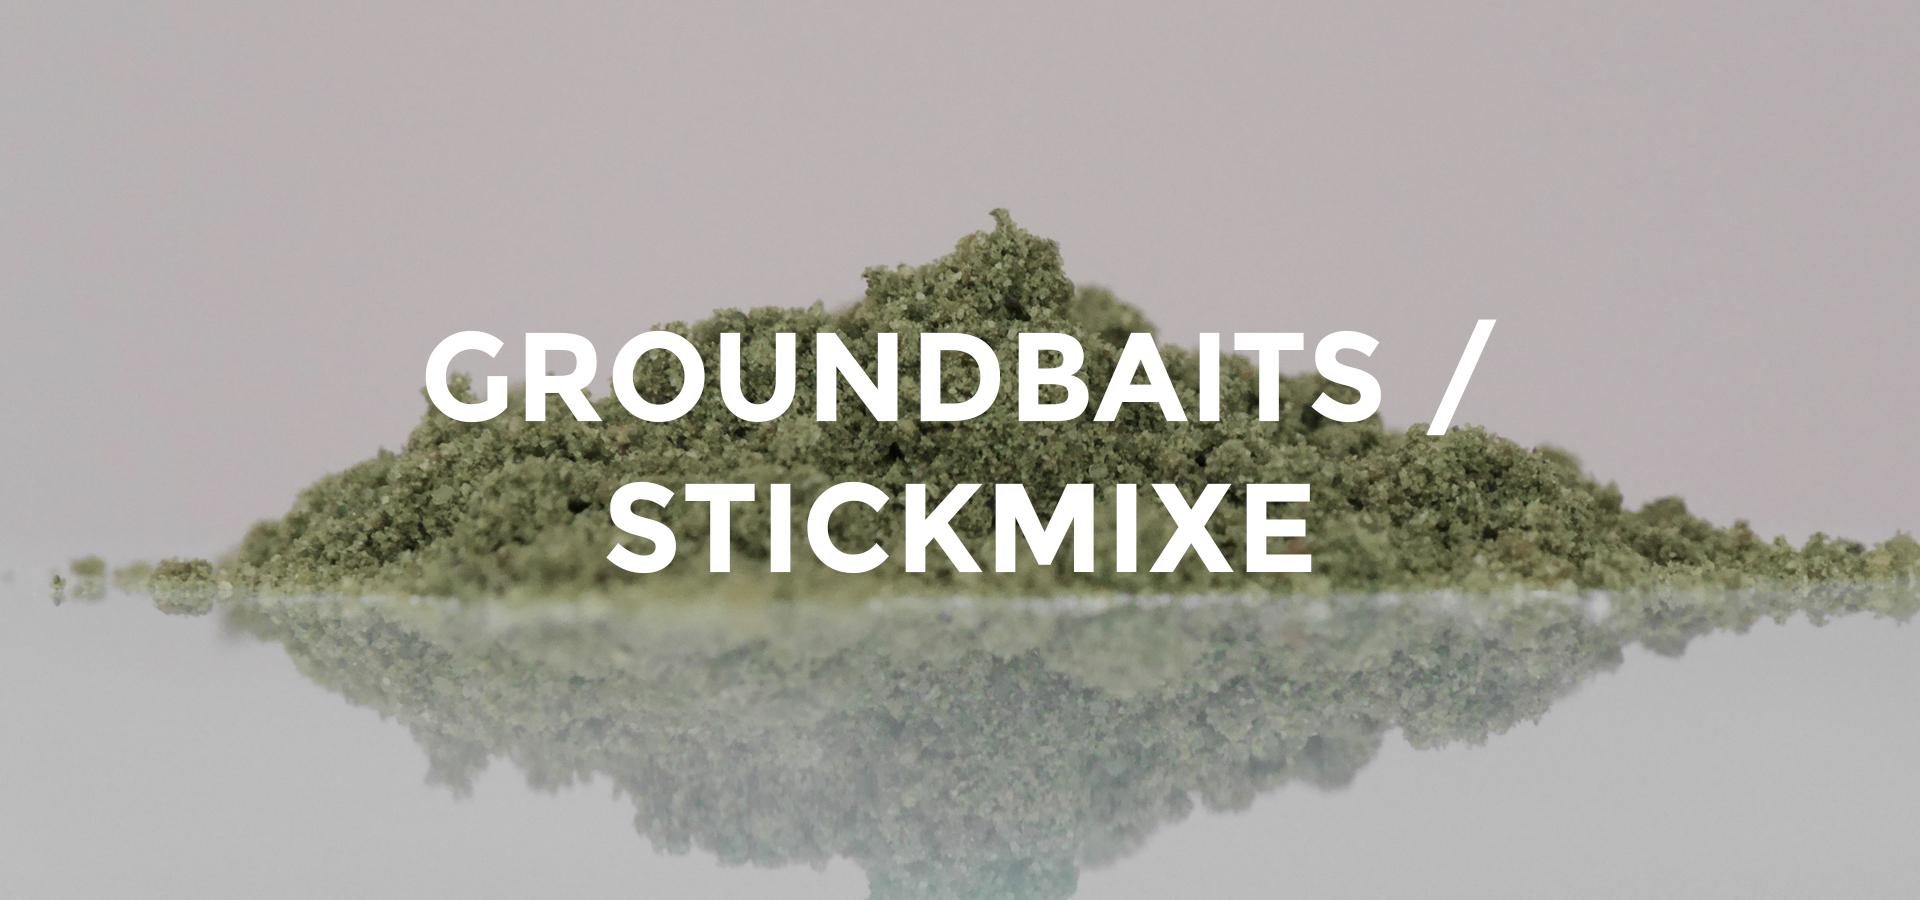 Groundbaits / Stickmixe